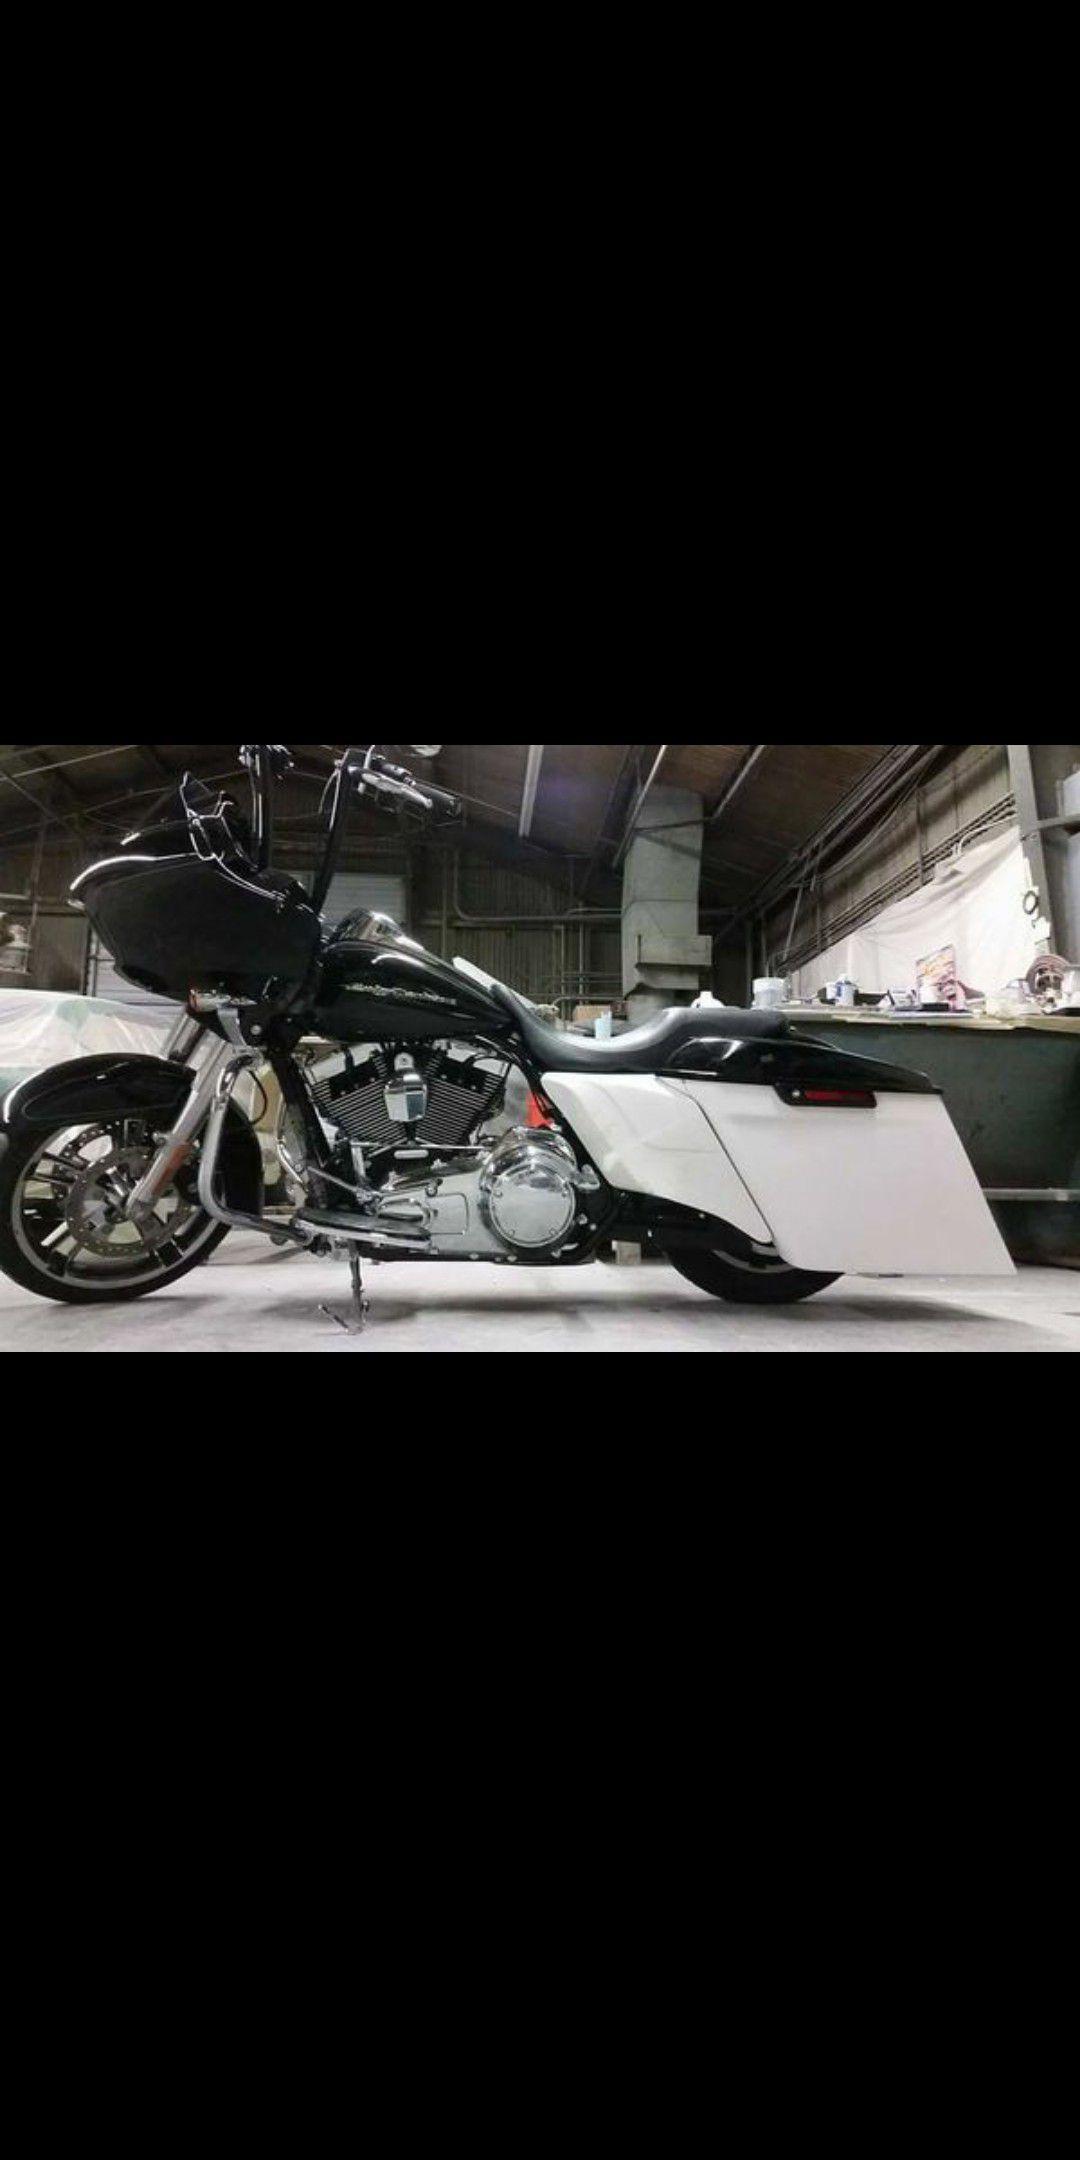 Harley Davidson bagger STRETCHED SIDES CUSTOM VENOM WIDE SIDES